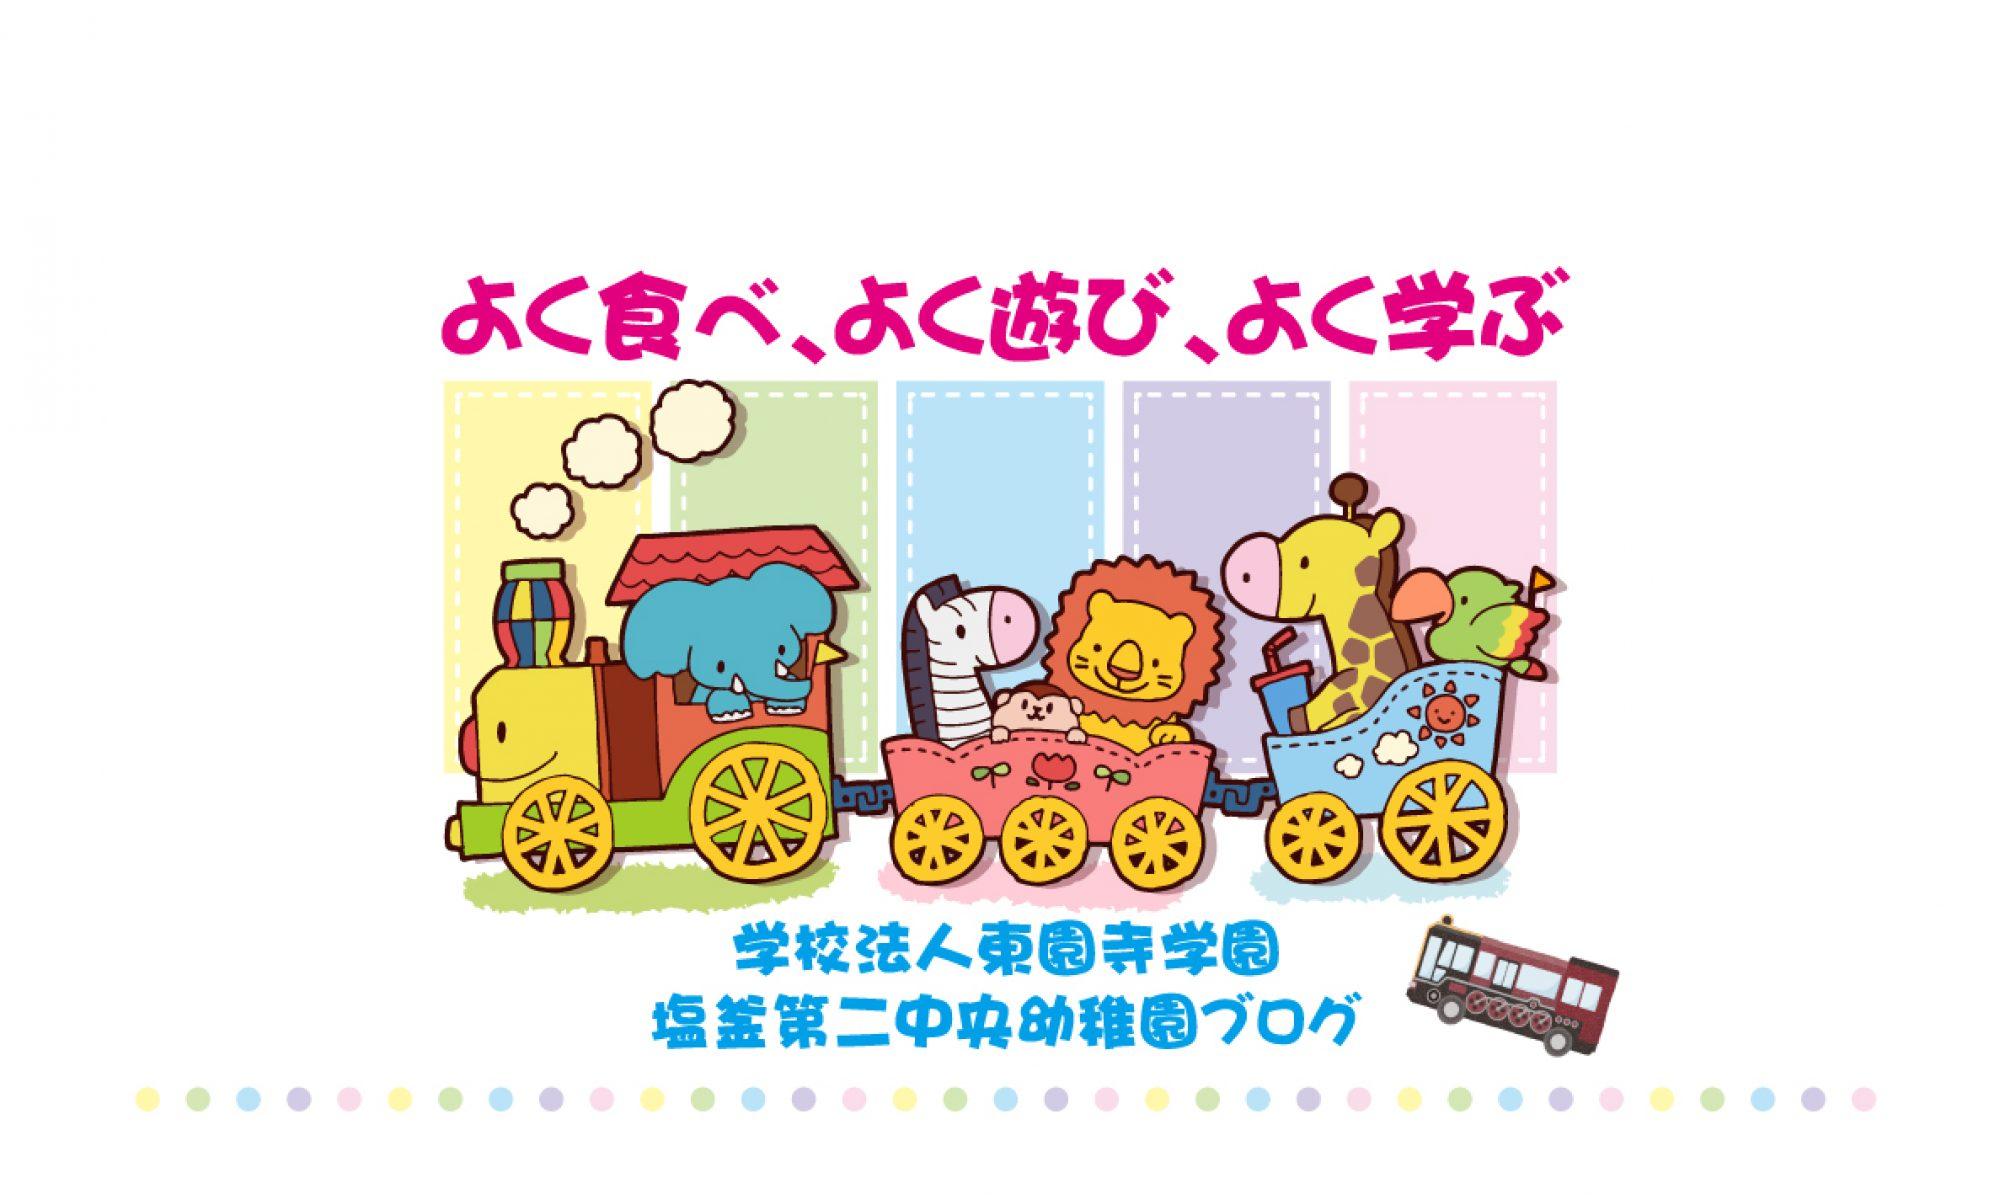 塩釜第二中央幼稚園ブログ